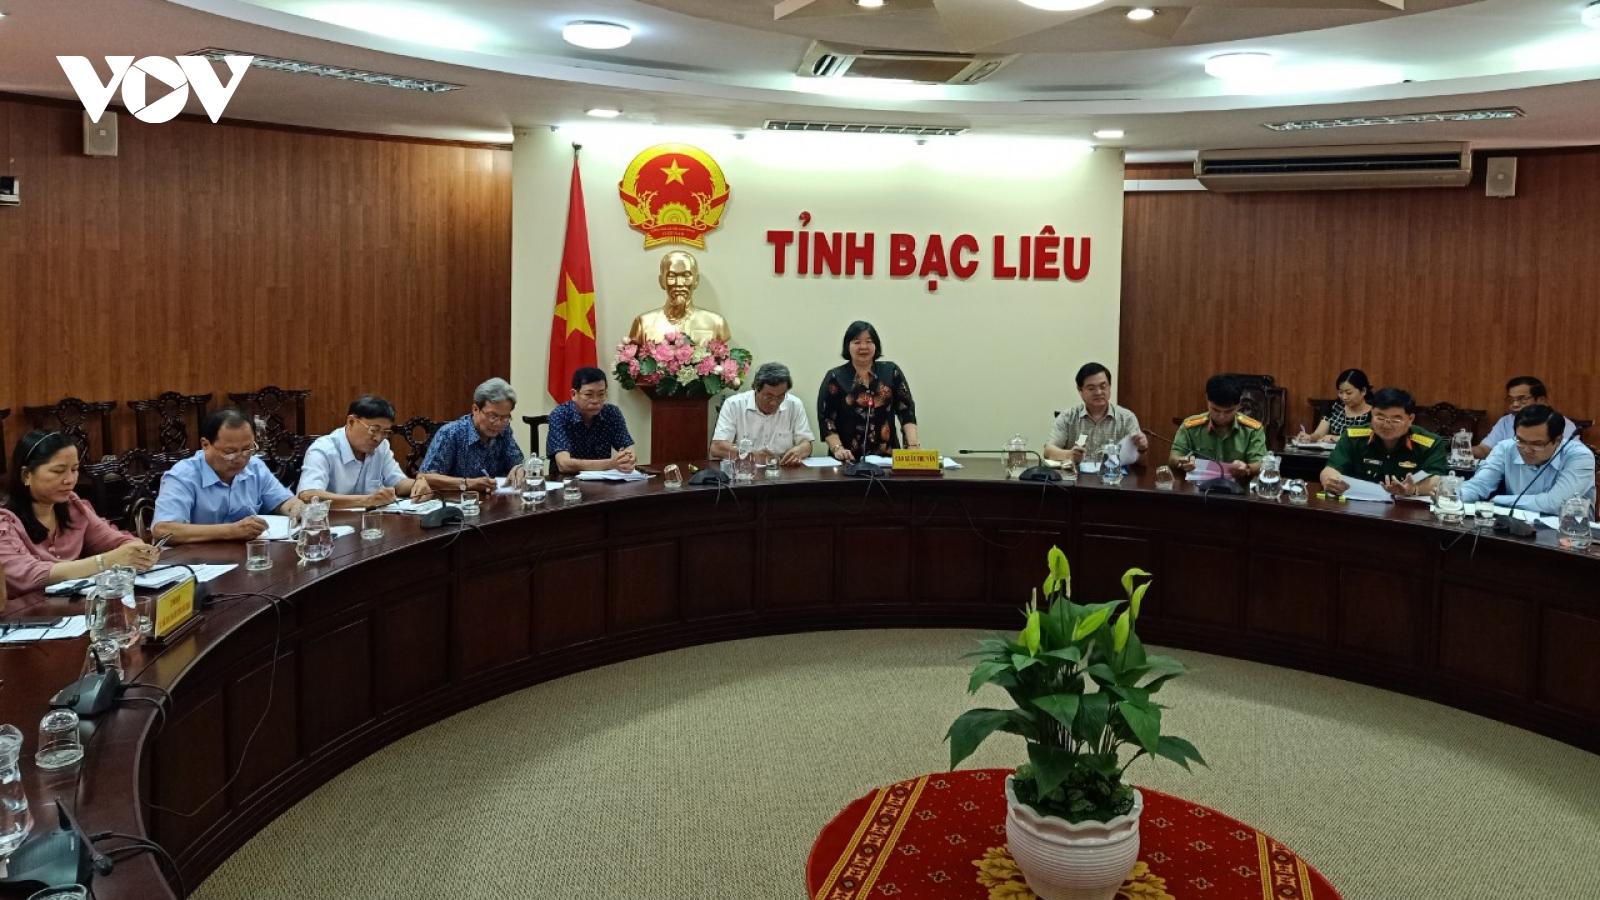 Tăng cường phòng, chống dịch bệnh Covid-19 ở Quảng Ninh, Bạc Liêu